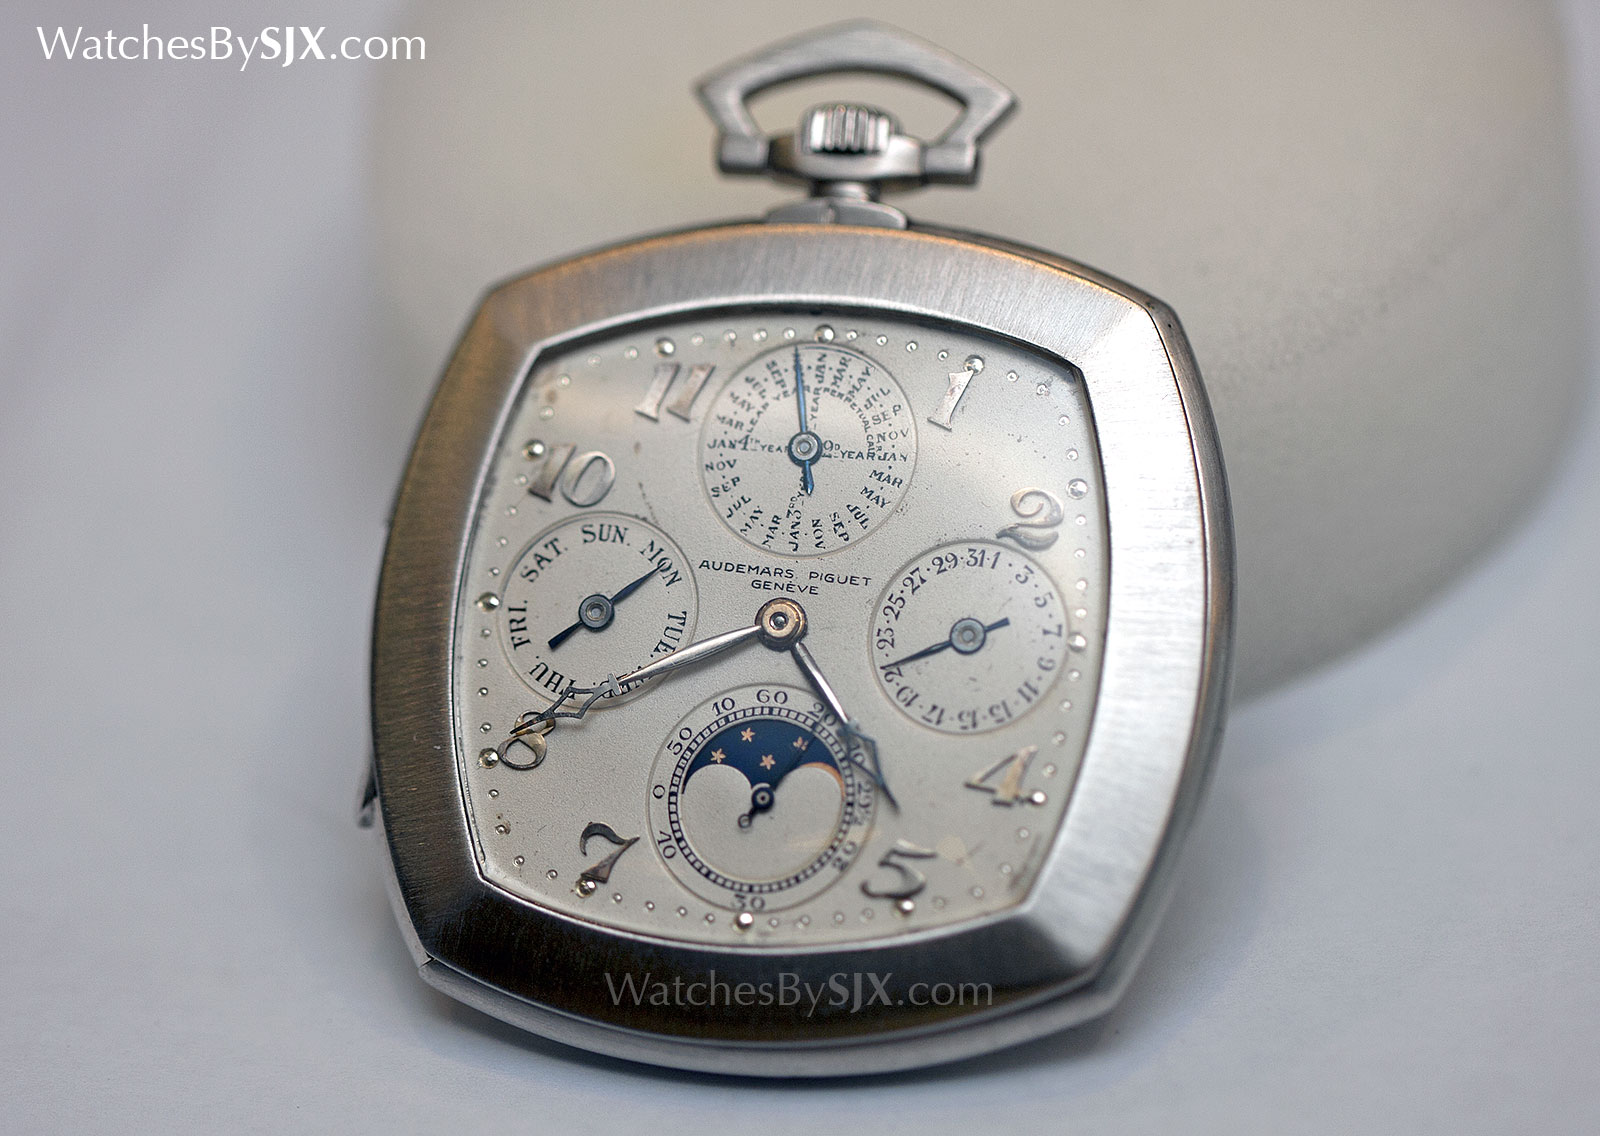 Audemars Piguet art deco perpetual calendar pocket watch 1923 1